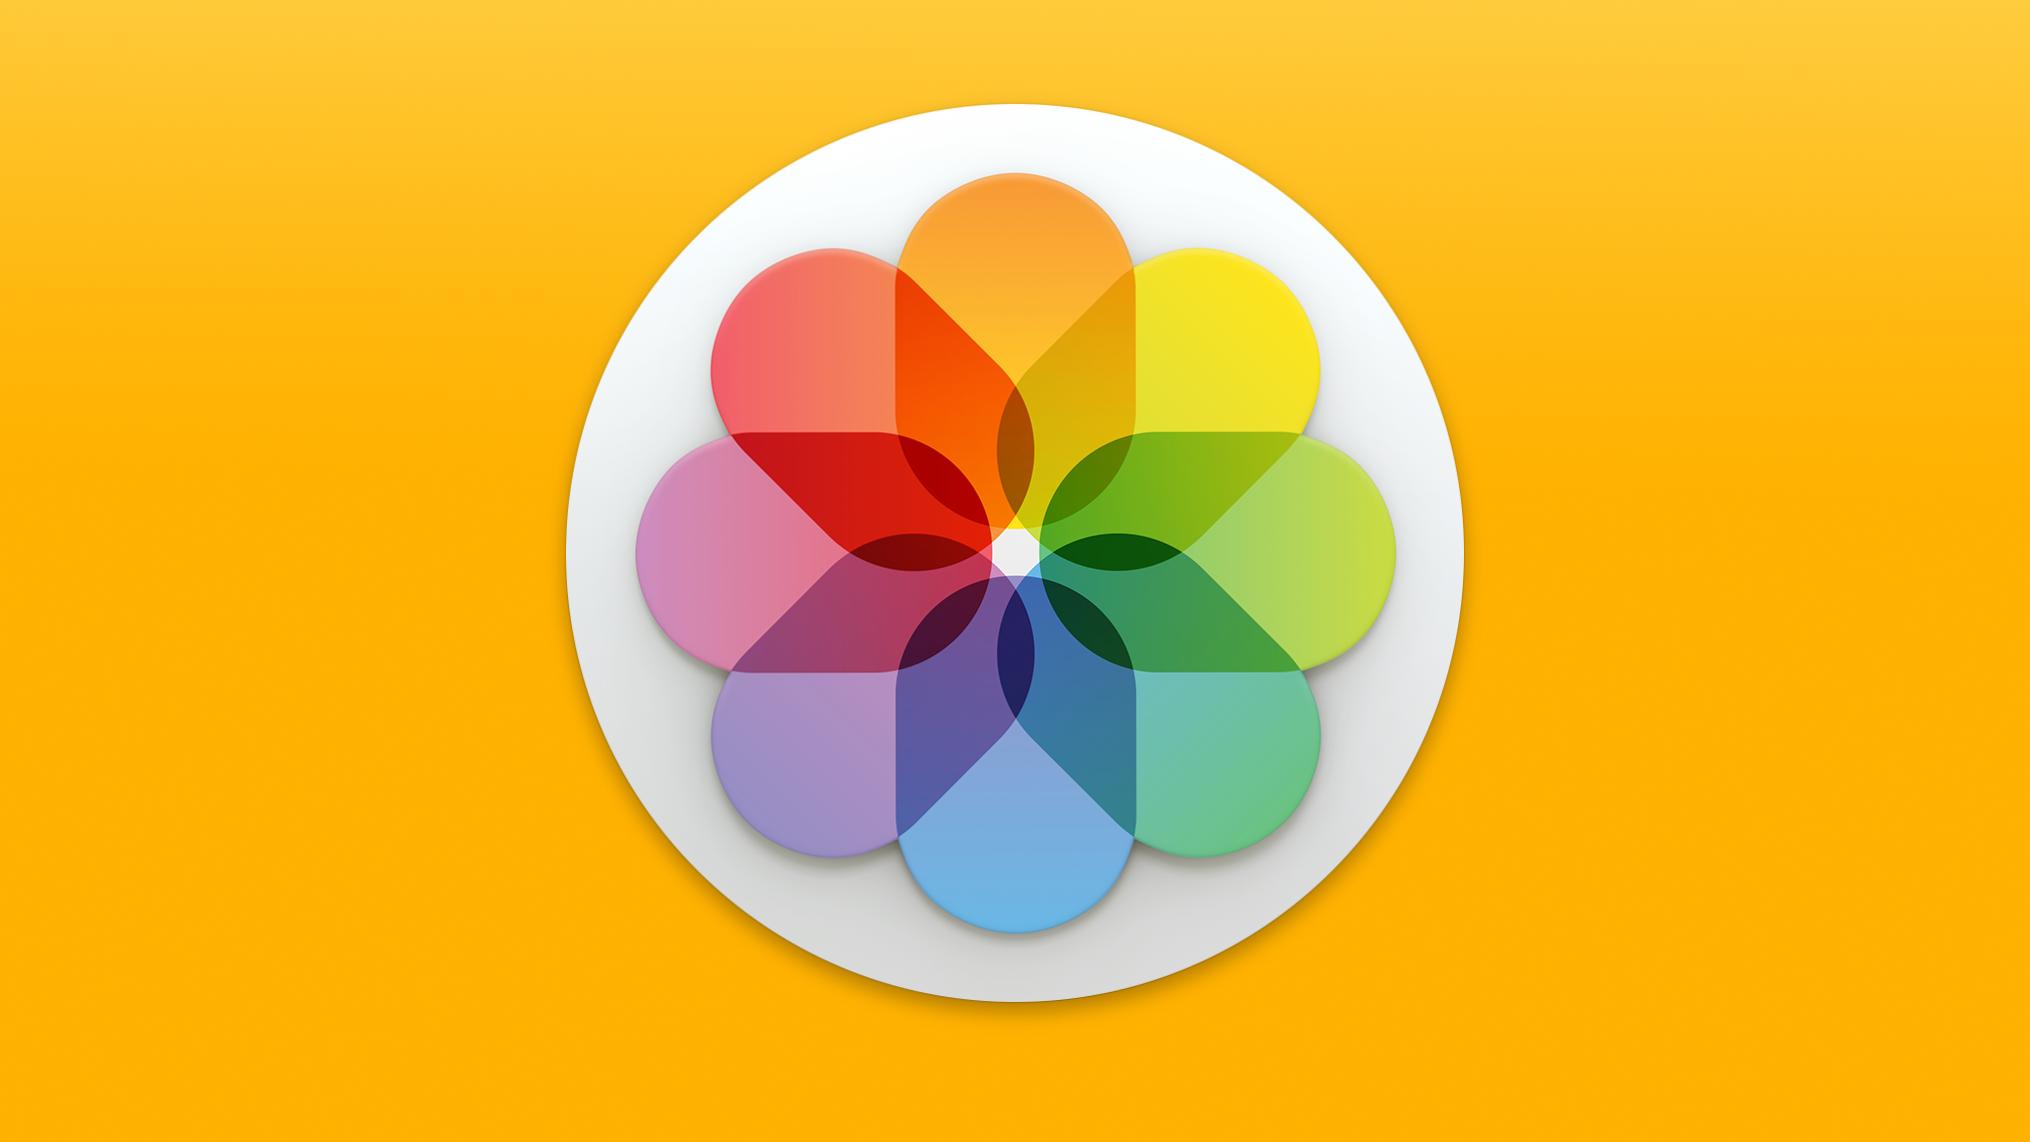 fotosapp-mac-16x9